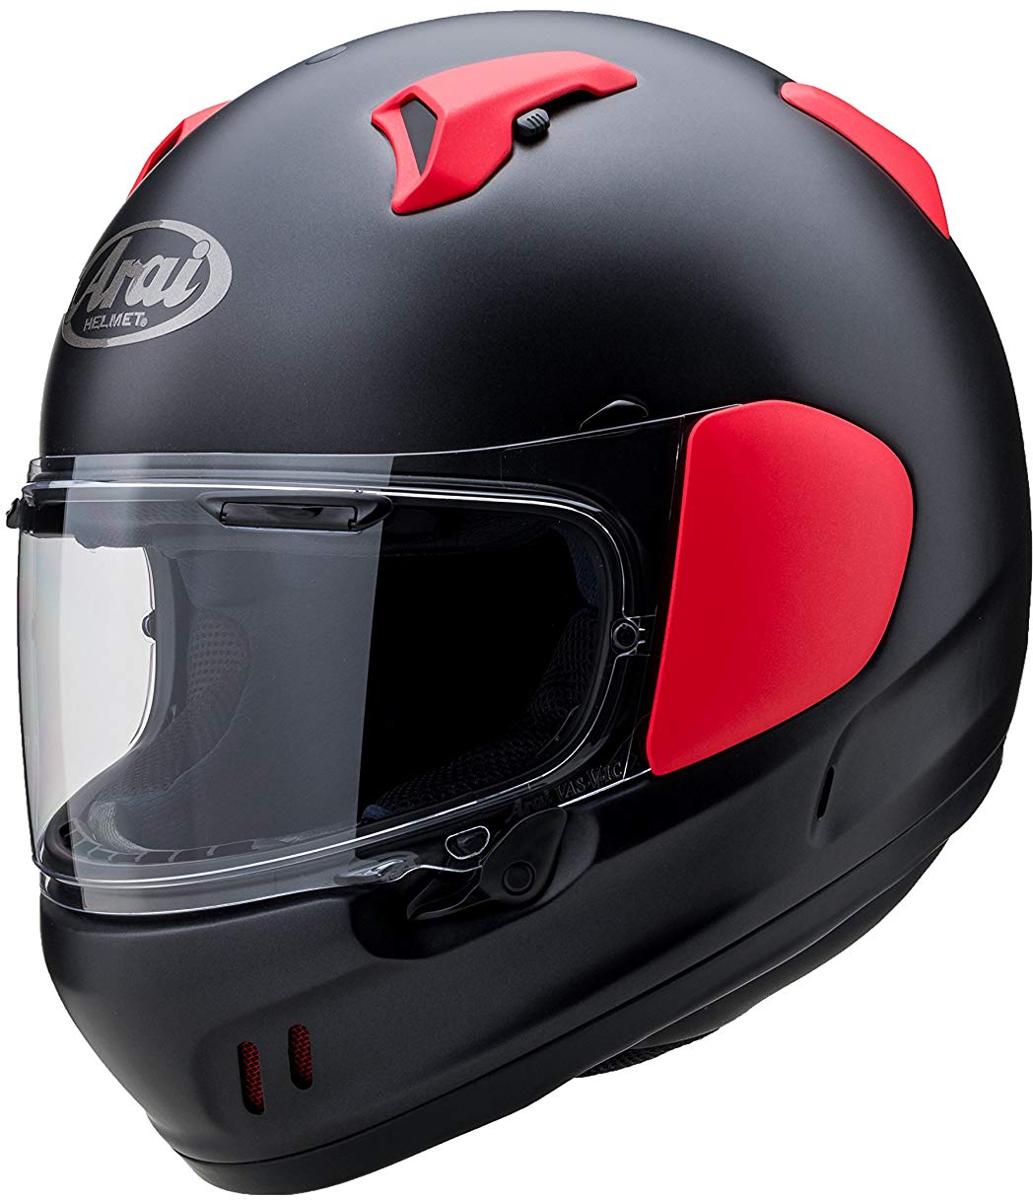 ARAI フルフェイスヘルメット XD フラットブラック/レッド Lサイズ 59-60cm